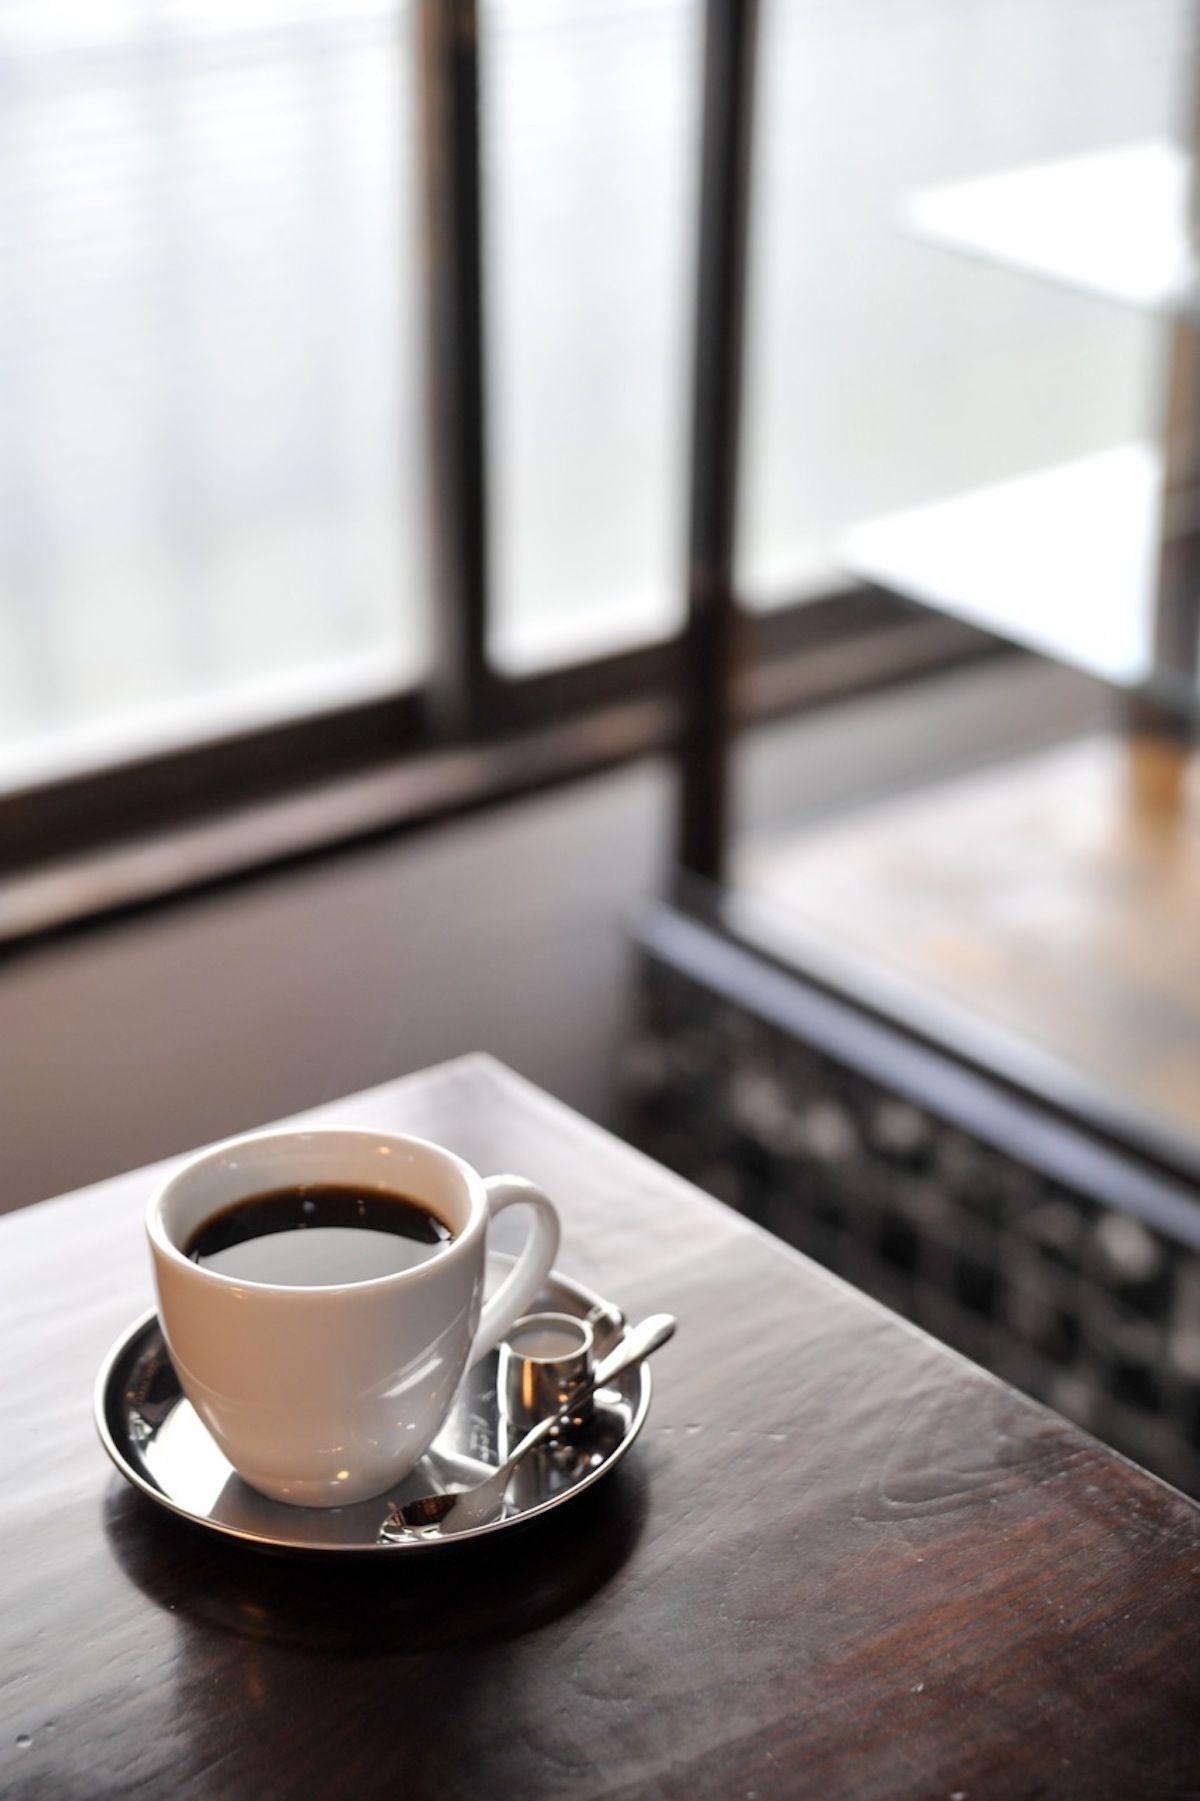 水曜日のカンパネラと日光市の共同企画!『名画ニッコウ座』の映画とコムアイおすすめ周辺観光スポットをご紹介 life_fashion180302-nikkocoffee-3-1200x1801